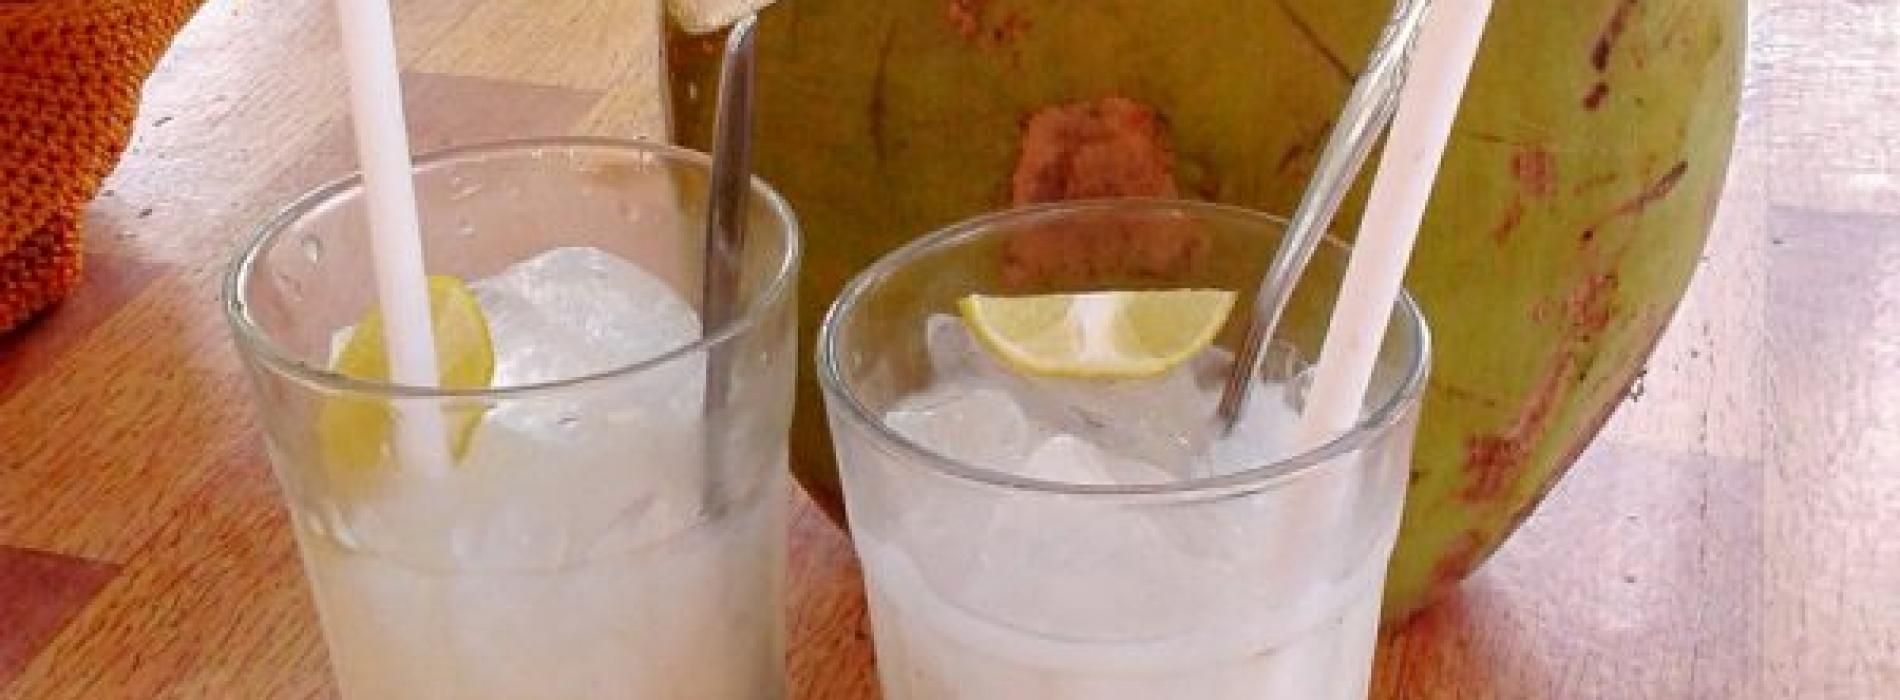 Dit zijn 7 gezondheidsvoordelen van kokoswater. Drink hier elke dag en glas van!